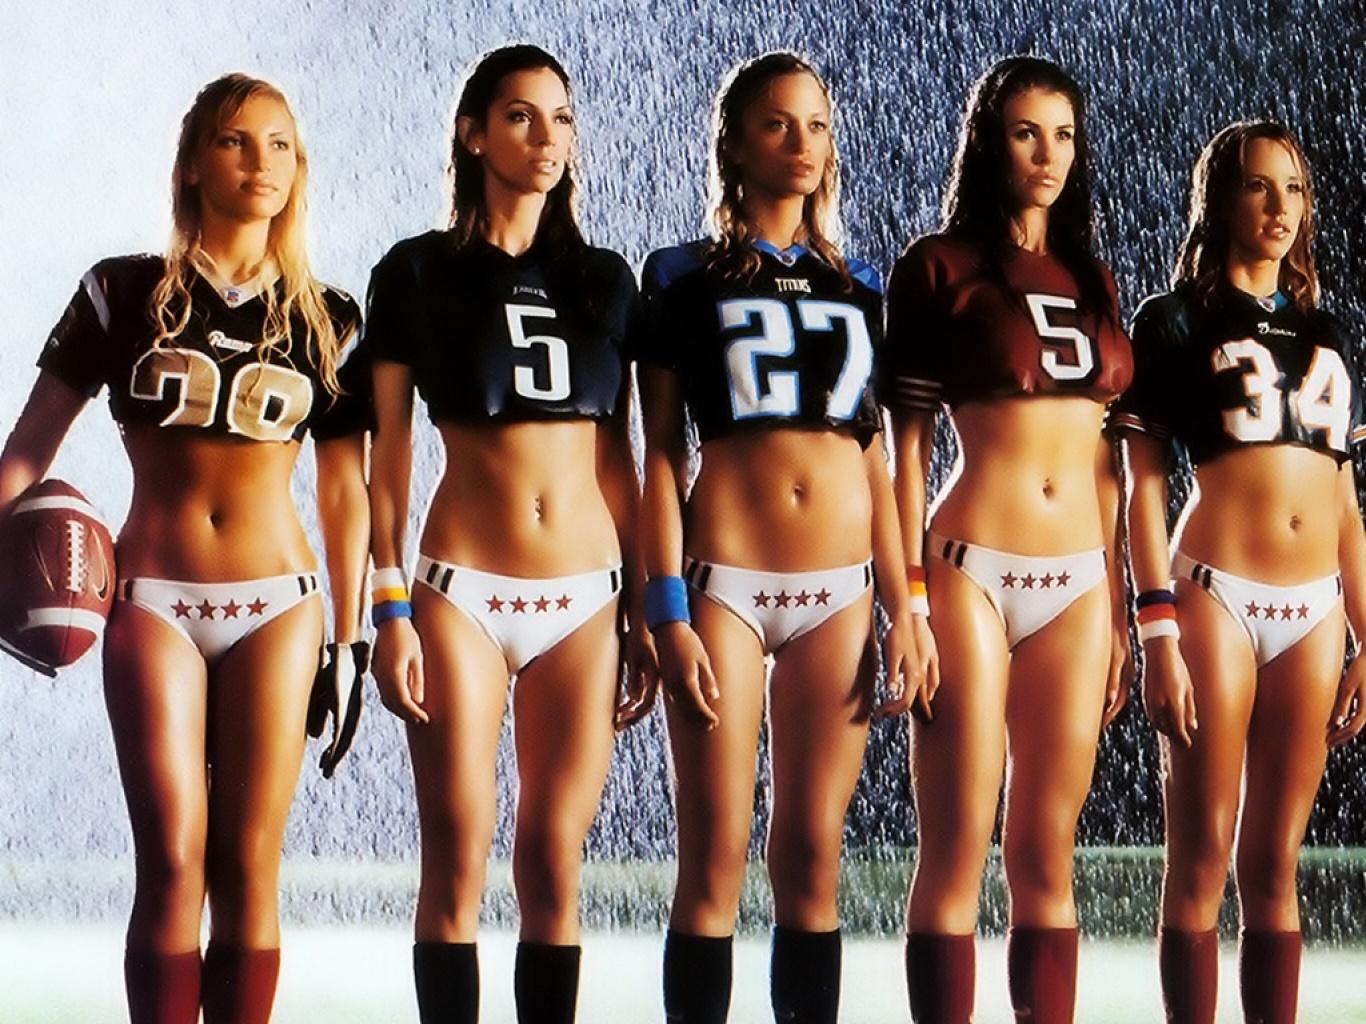 Imagenes De Futbol Americano De Mujeres